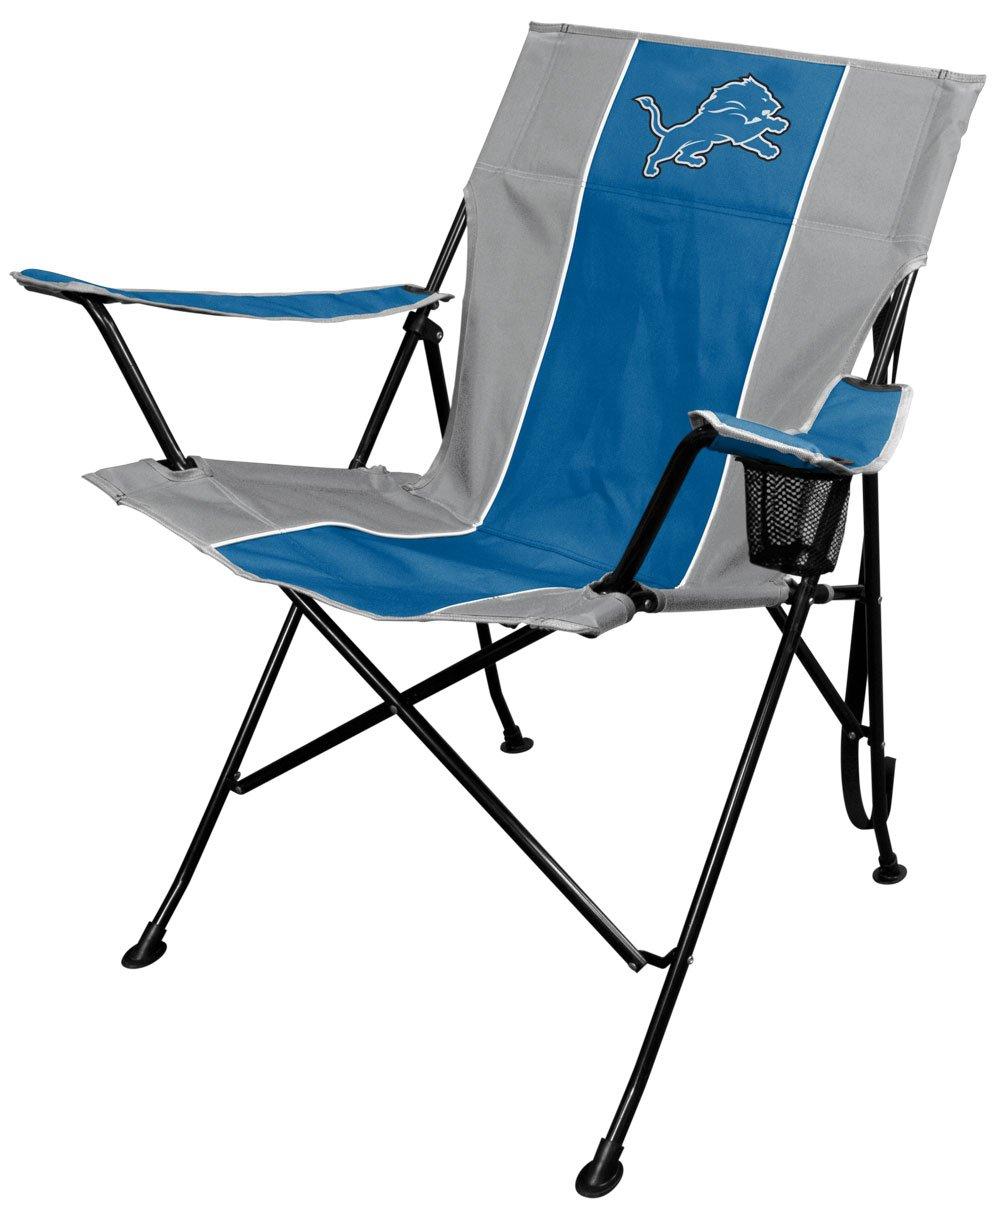 NFL Detroit Lions TLG8 Folding Chair